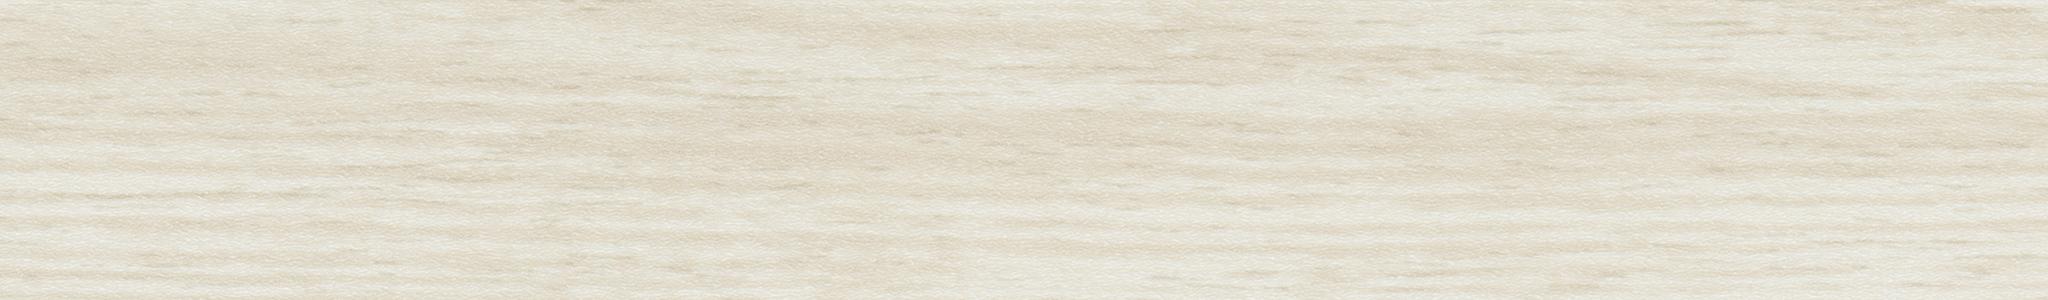 HD 262293 Chant ABS Acacia Crème Perle